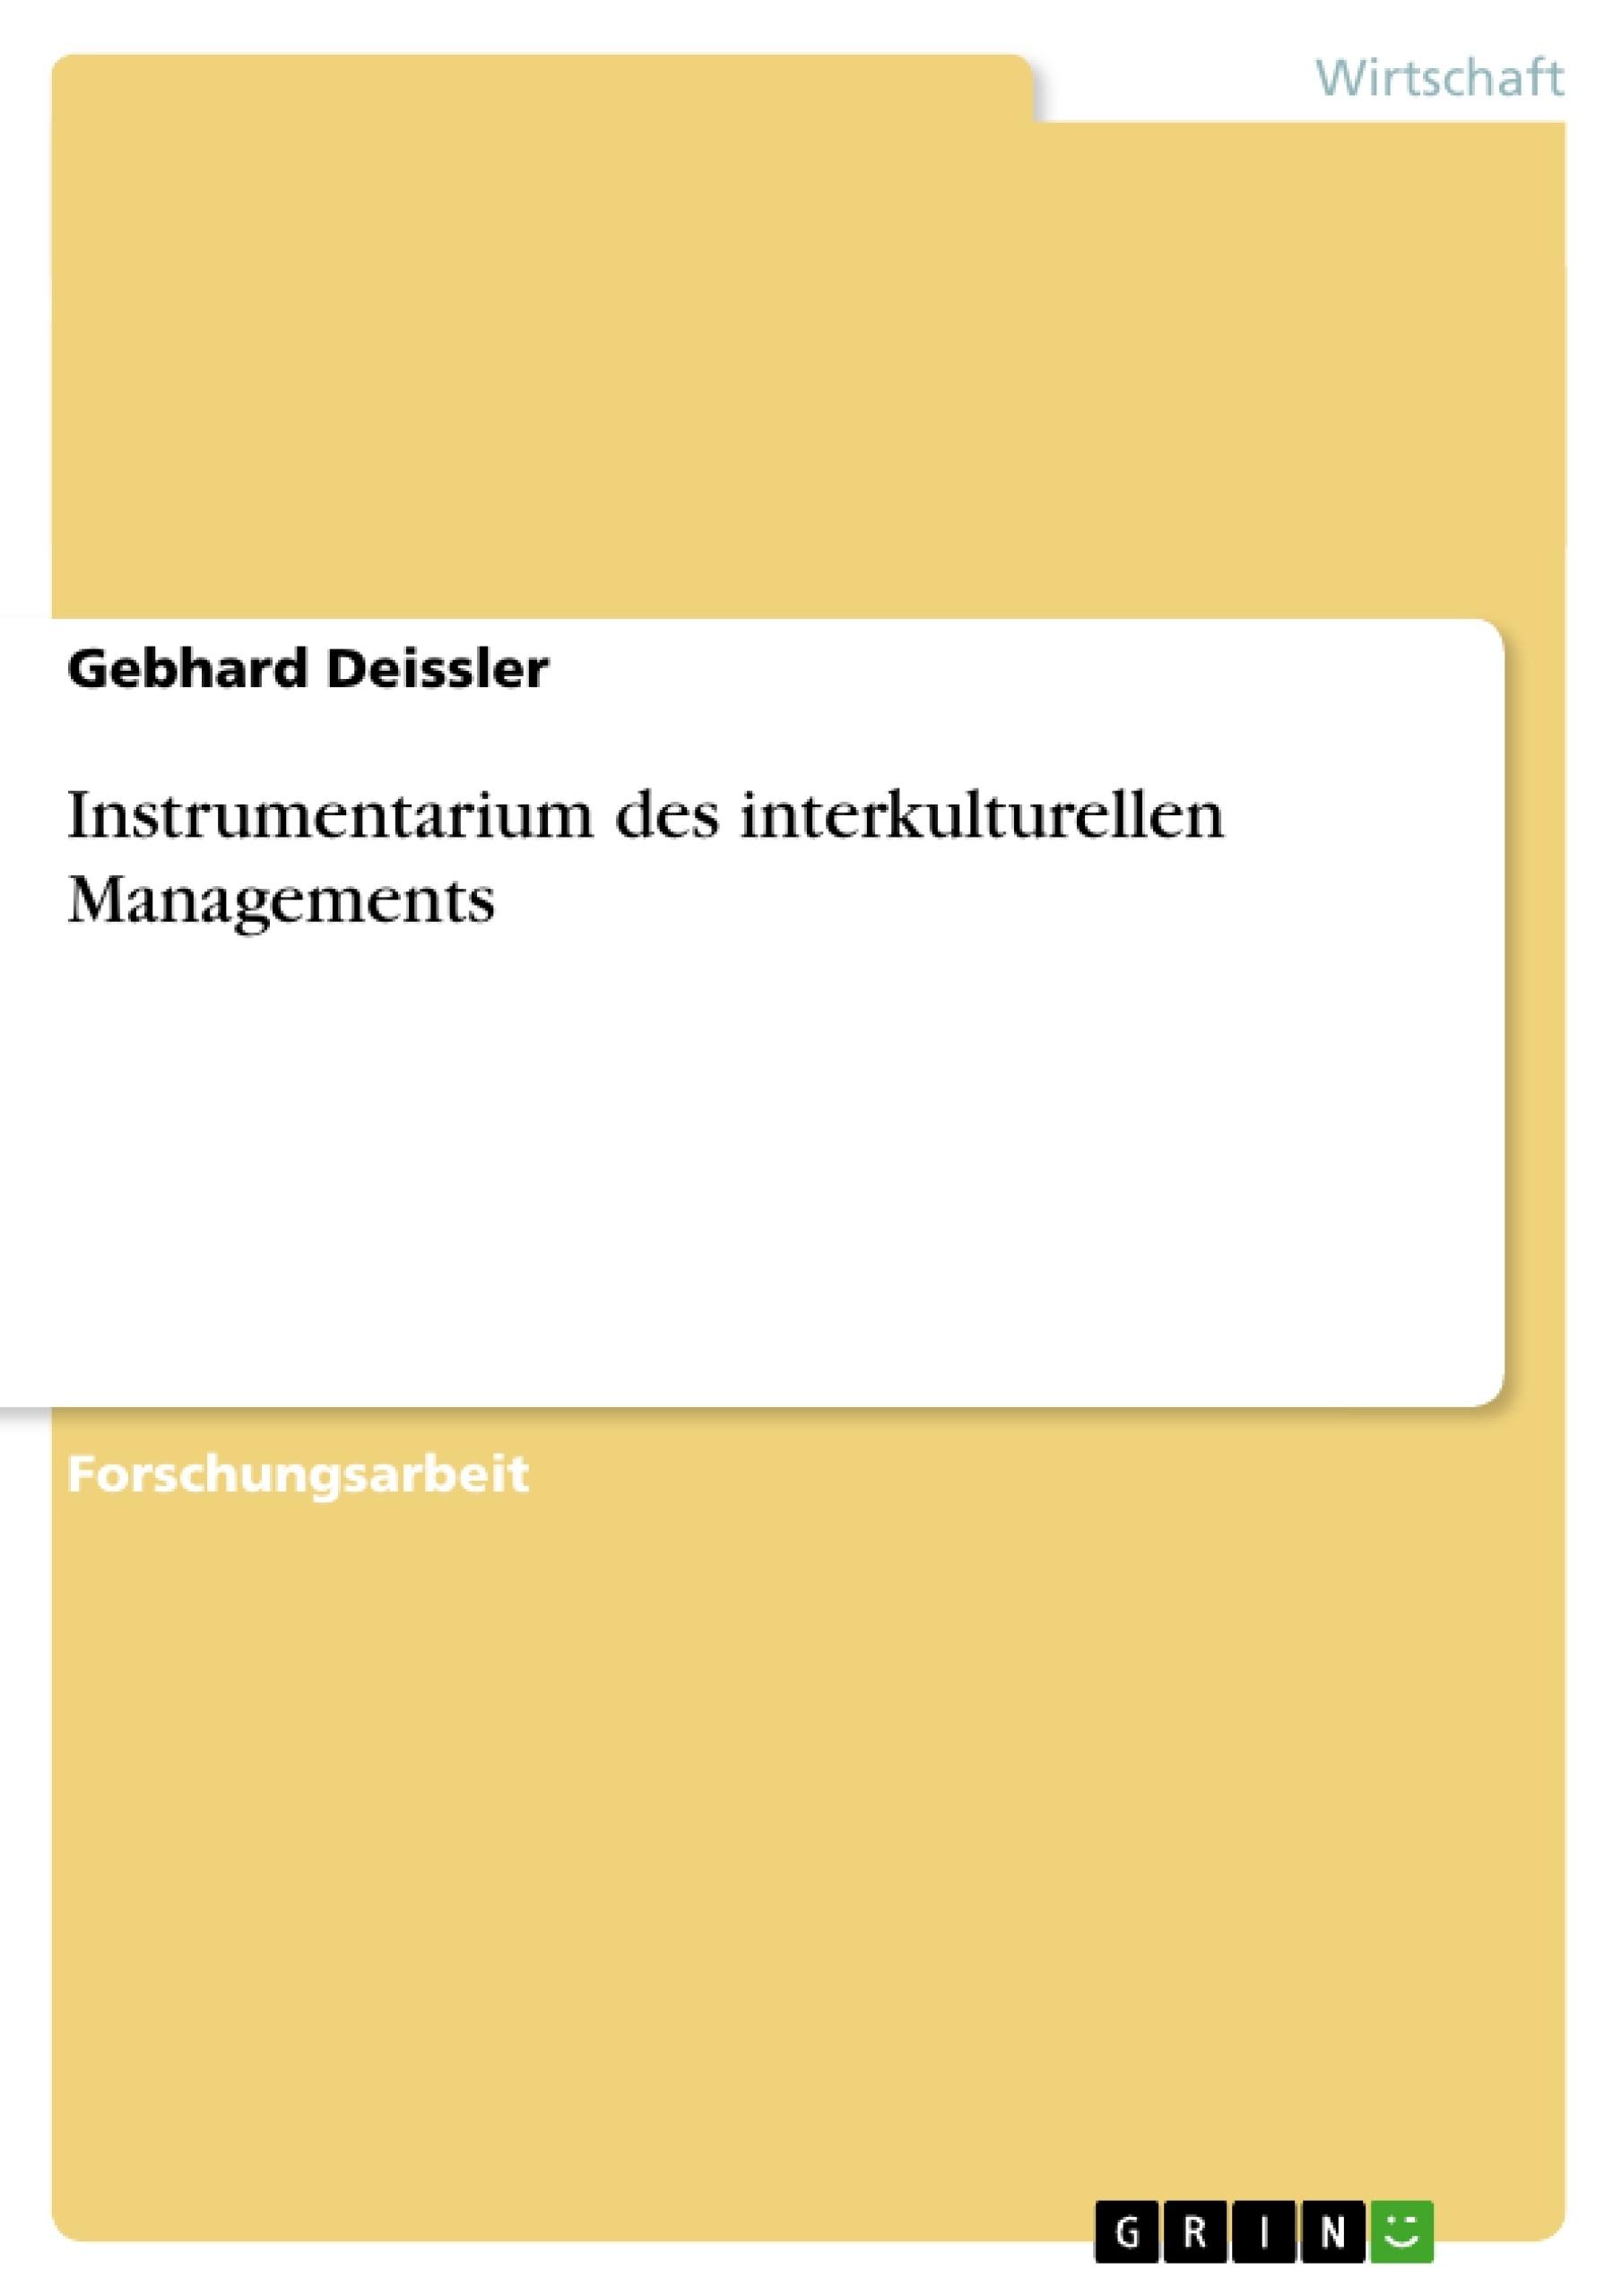 Titel: Instrumentarium des interkulturellen Managements